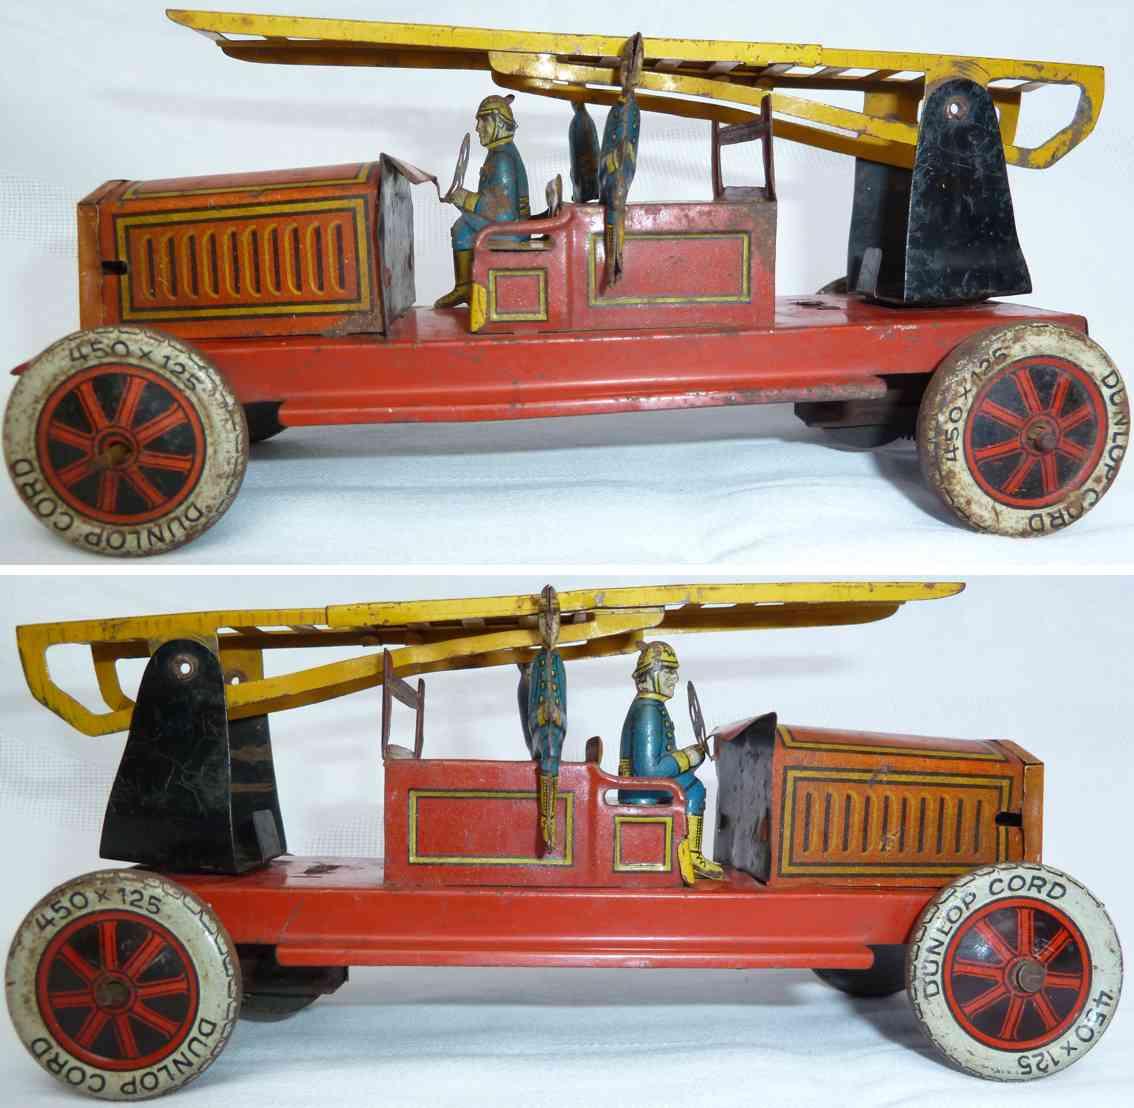 tippco 1516 blech spielzeug feuerwehr leiterwagen rot gelb